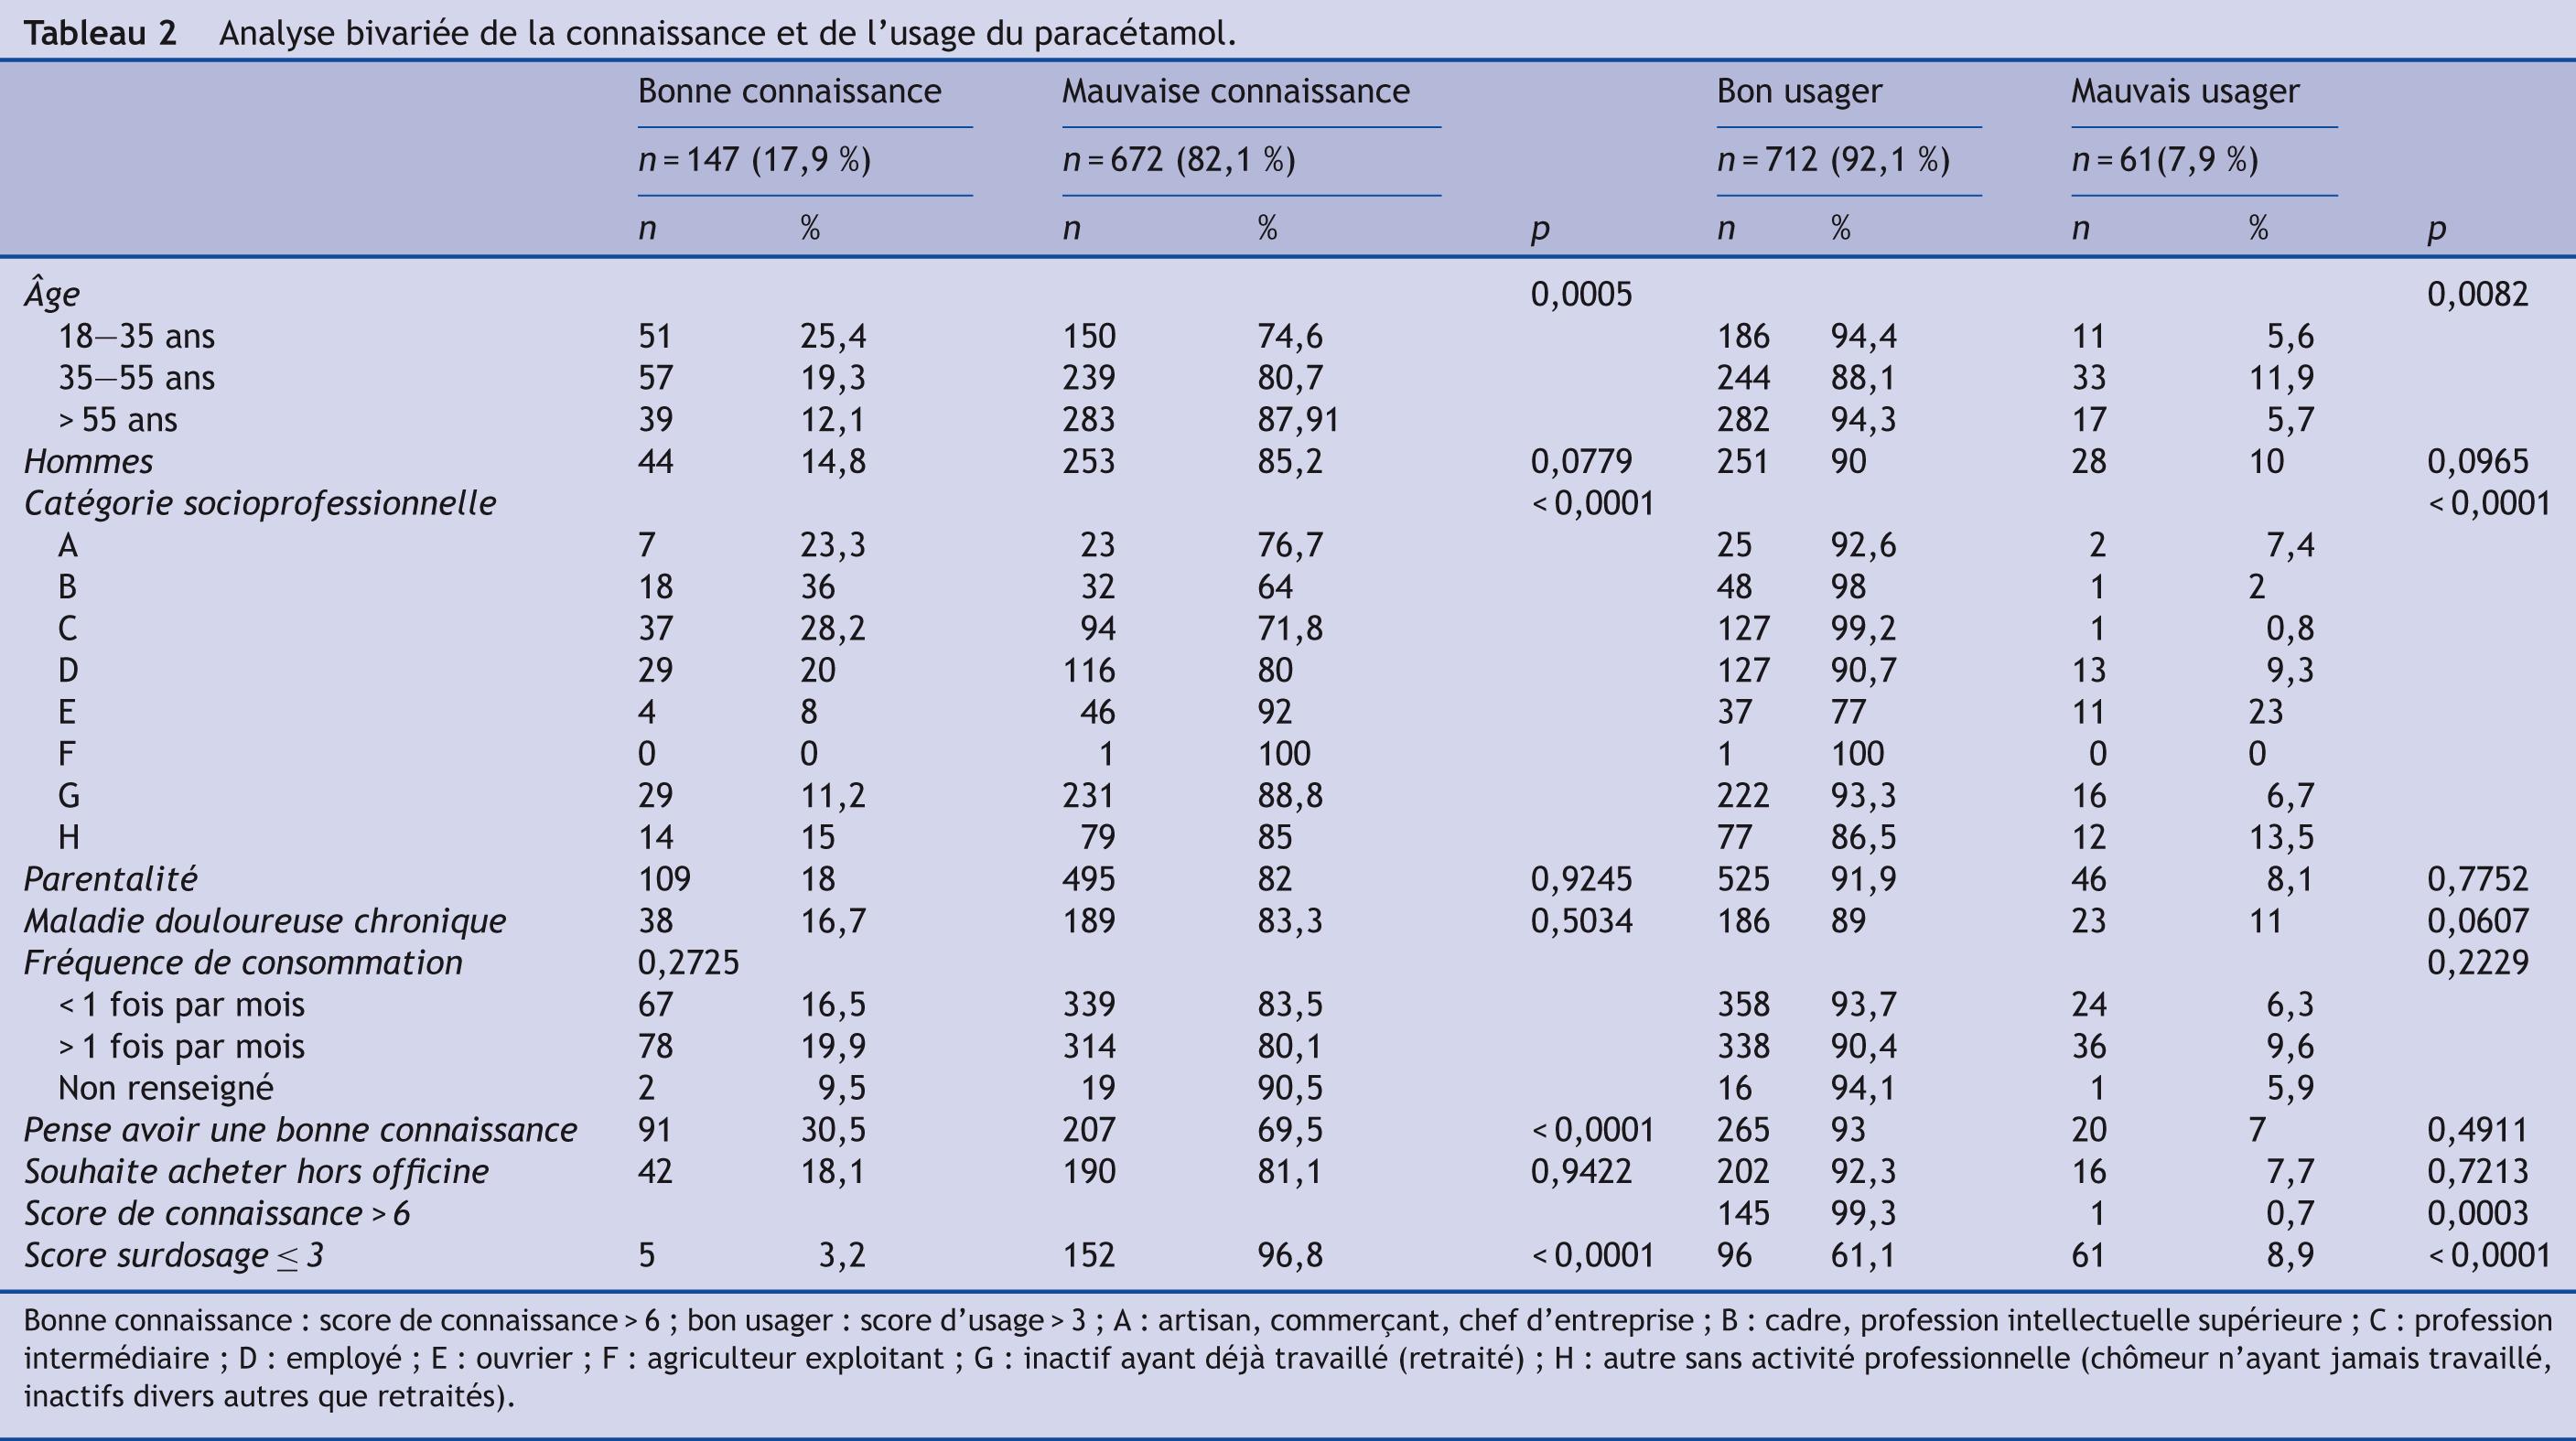 Tableau 2 Analyse bivariée de la connaissance et de l'usage du paracétamol.